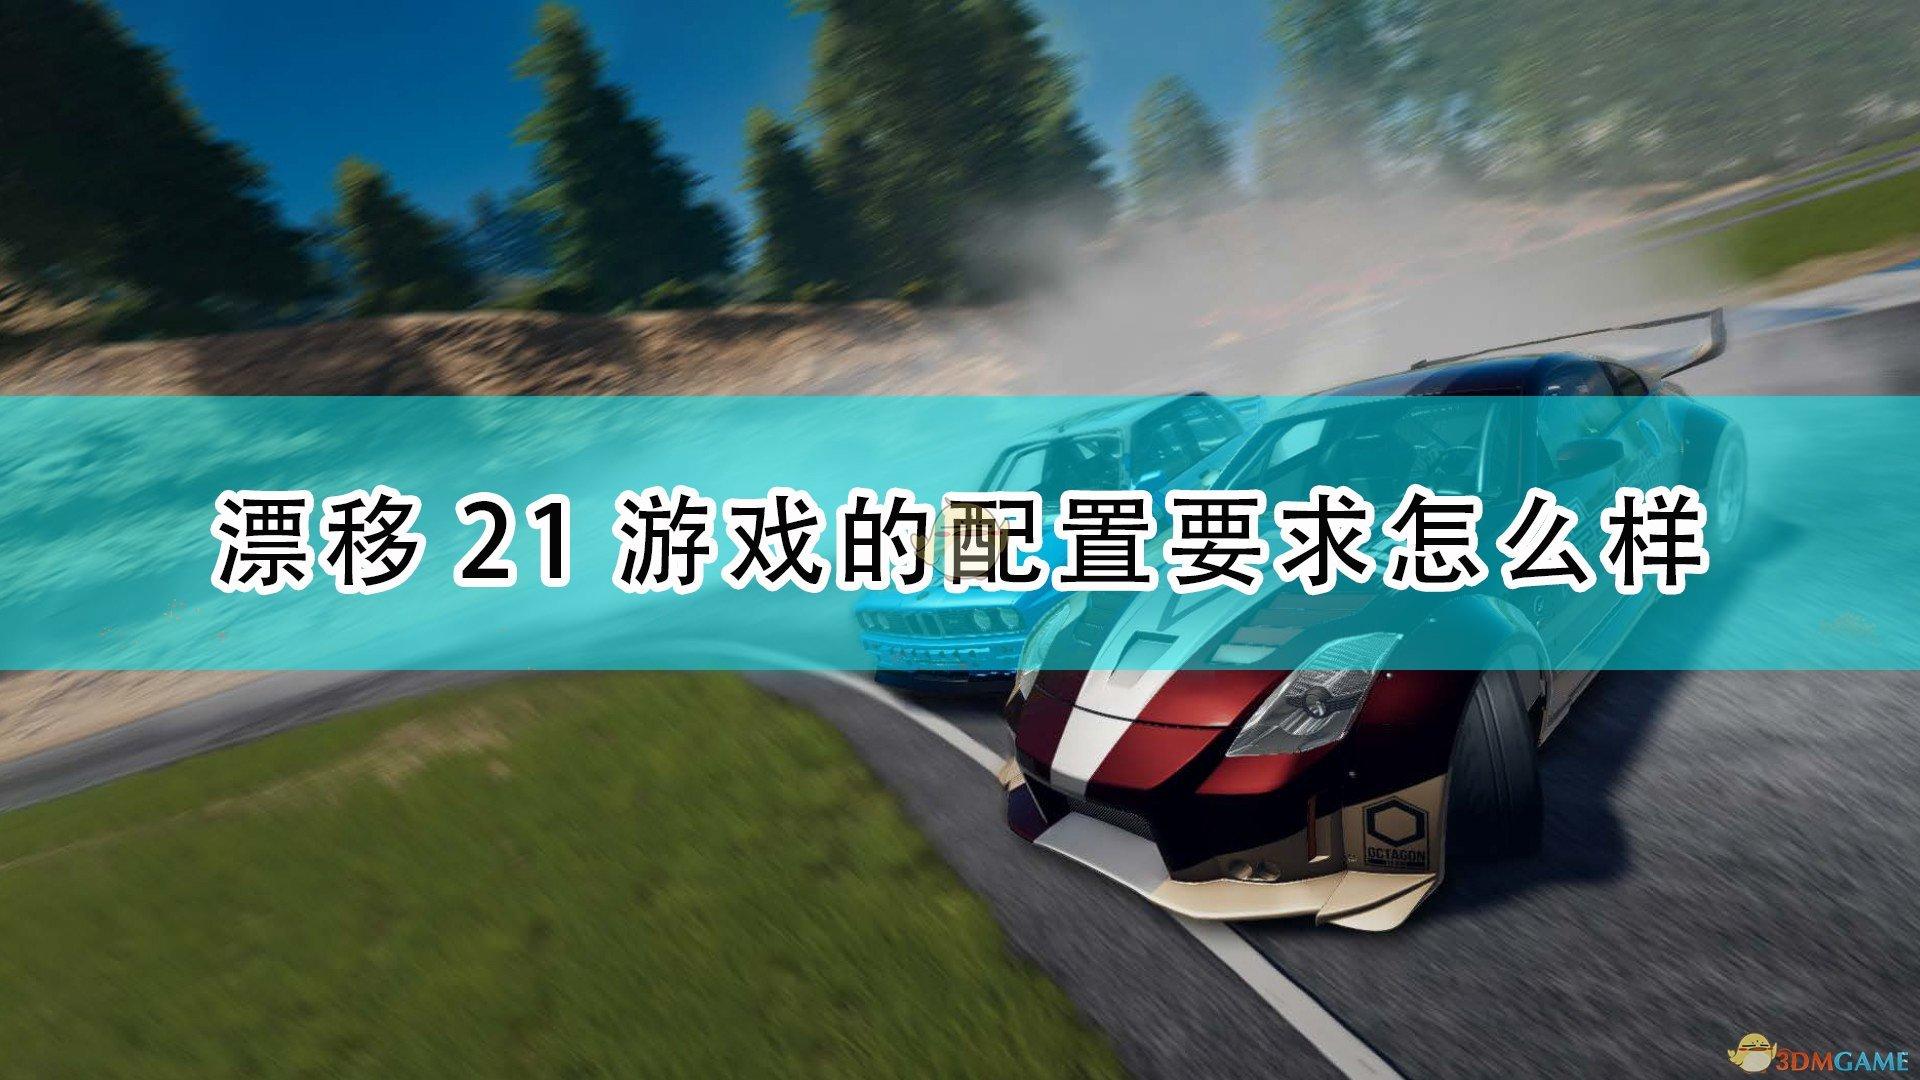 《漂移21》遊戲配置要求一覽